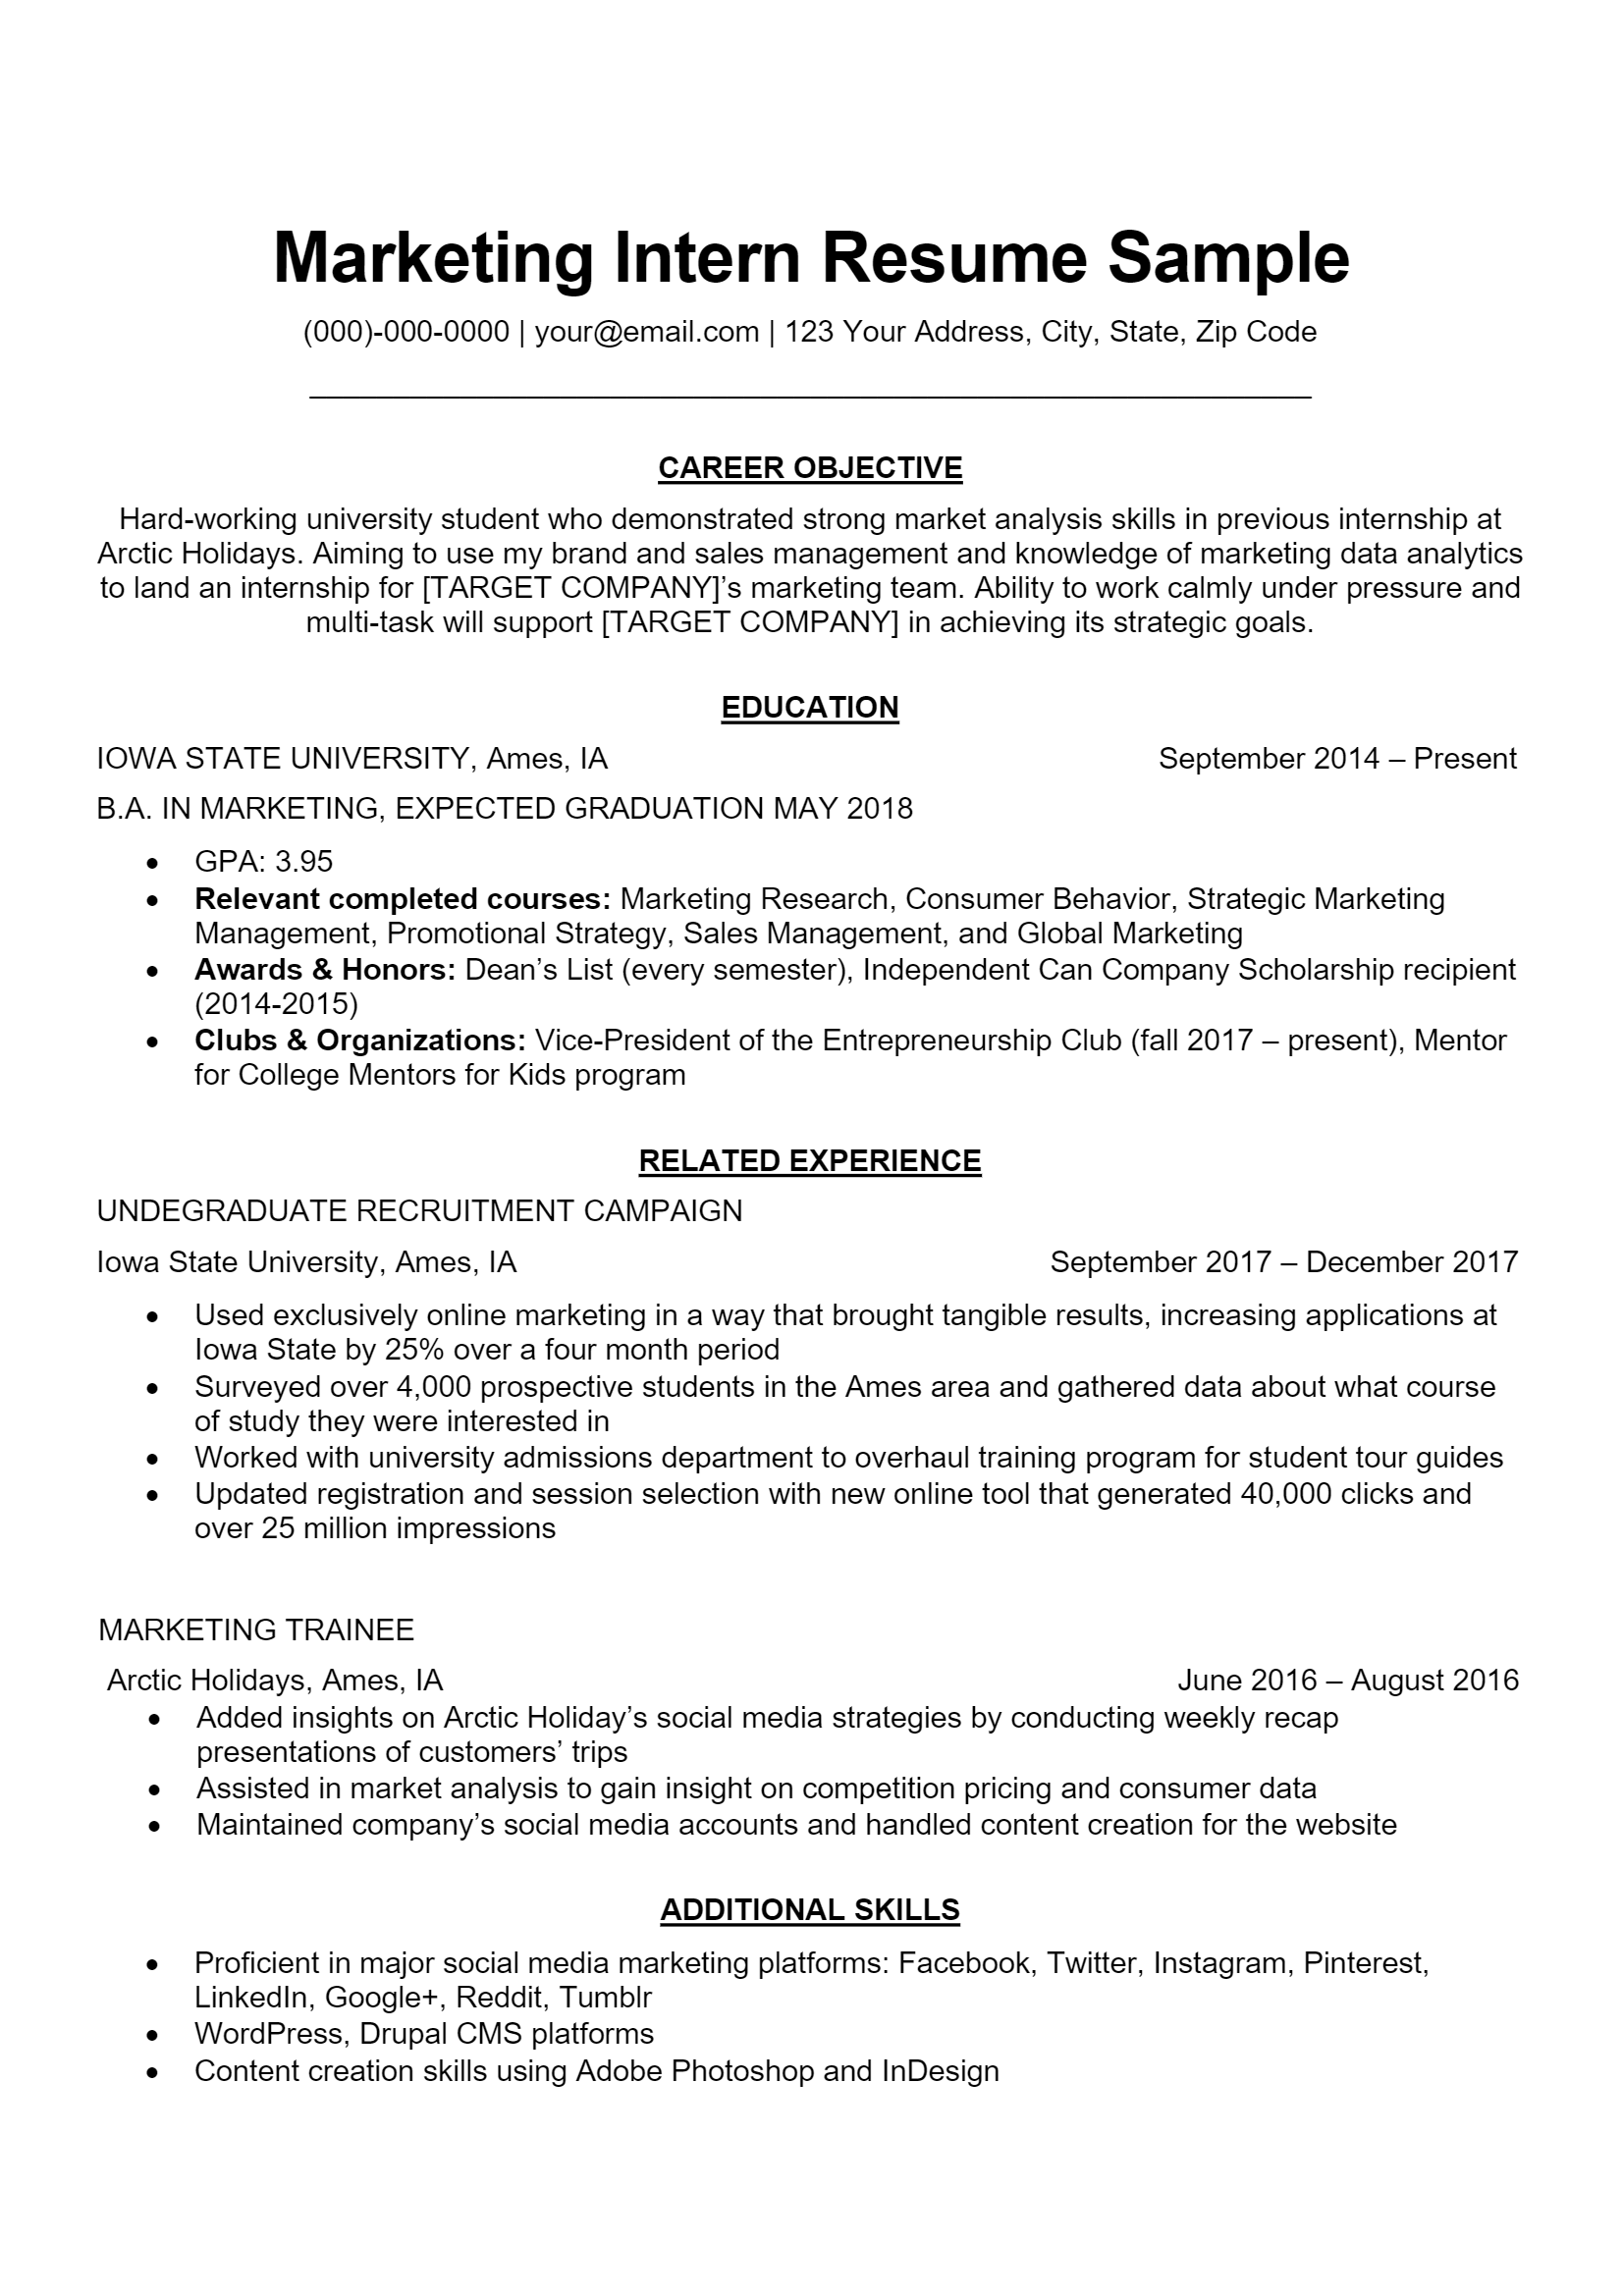 Marketing Intern Resume > Marketing Intern Resume .Docx (Word)